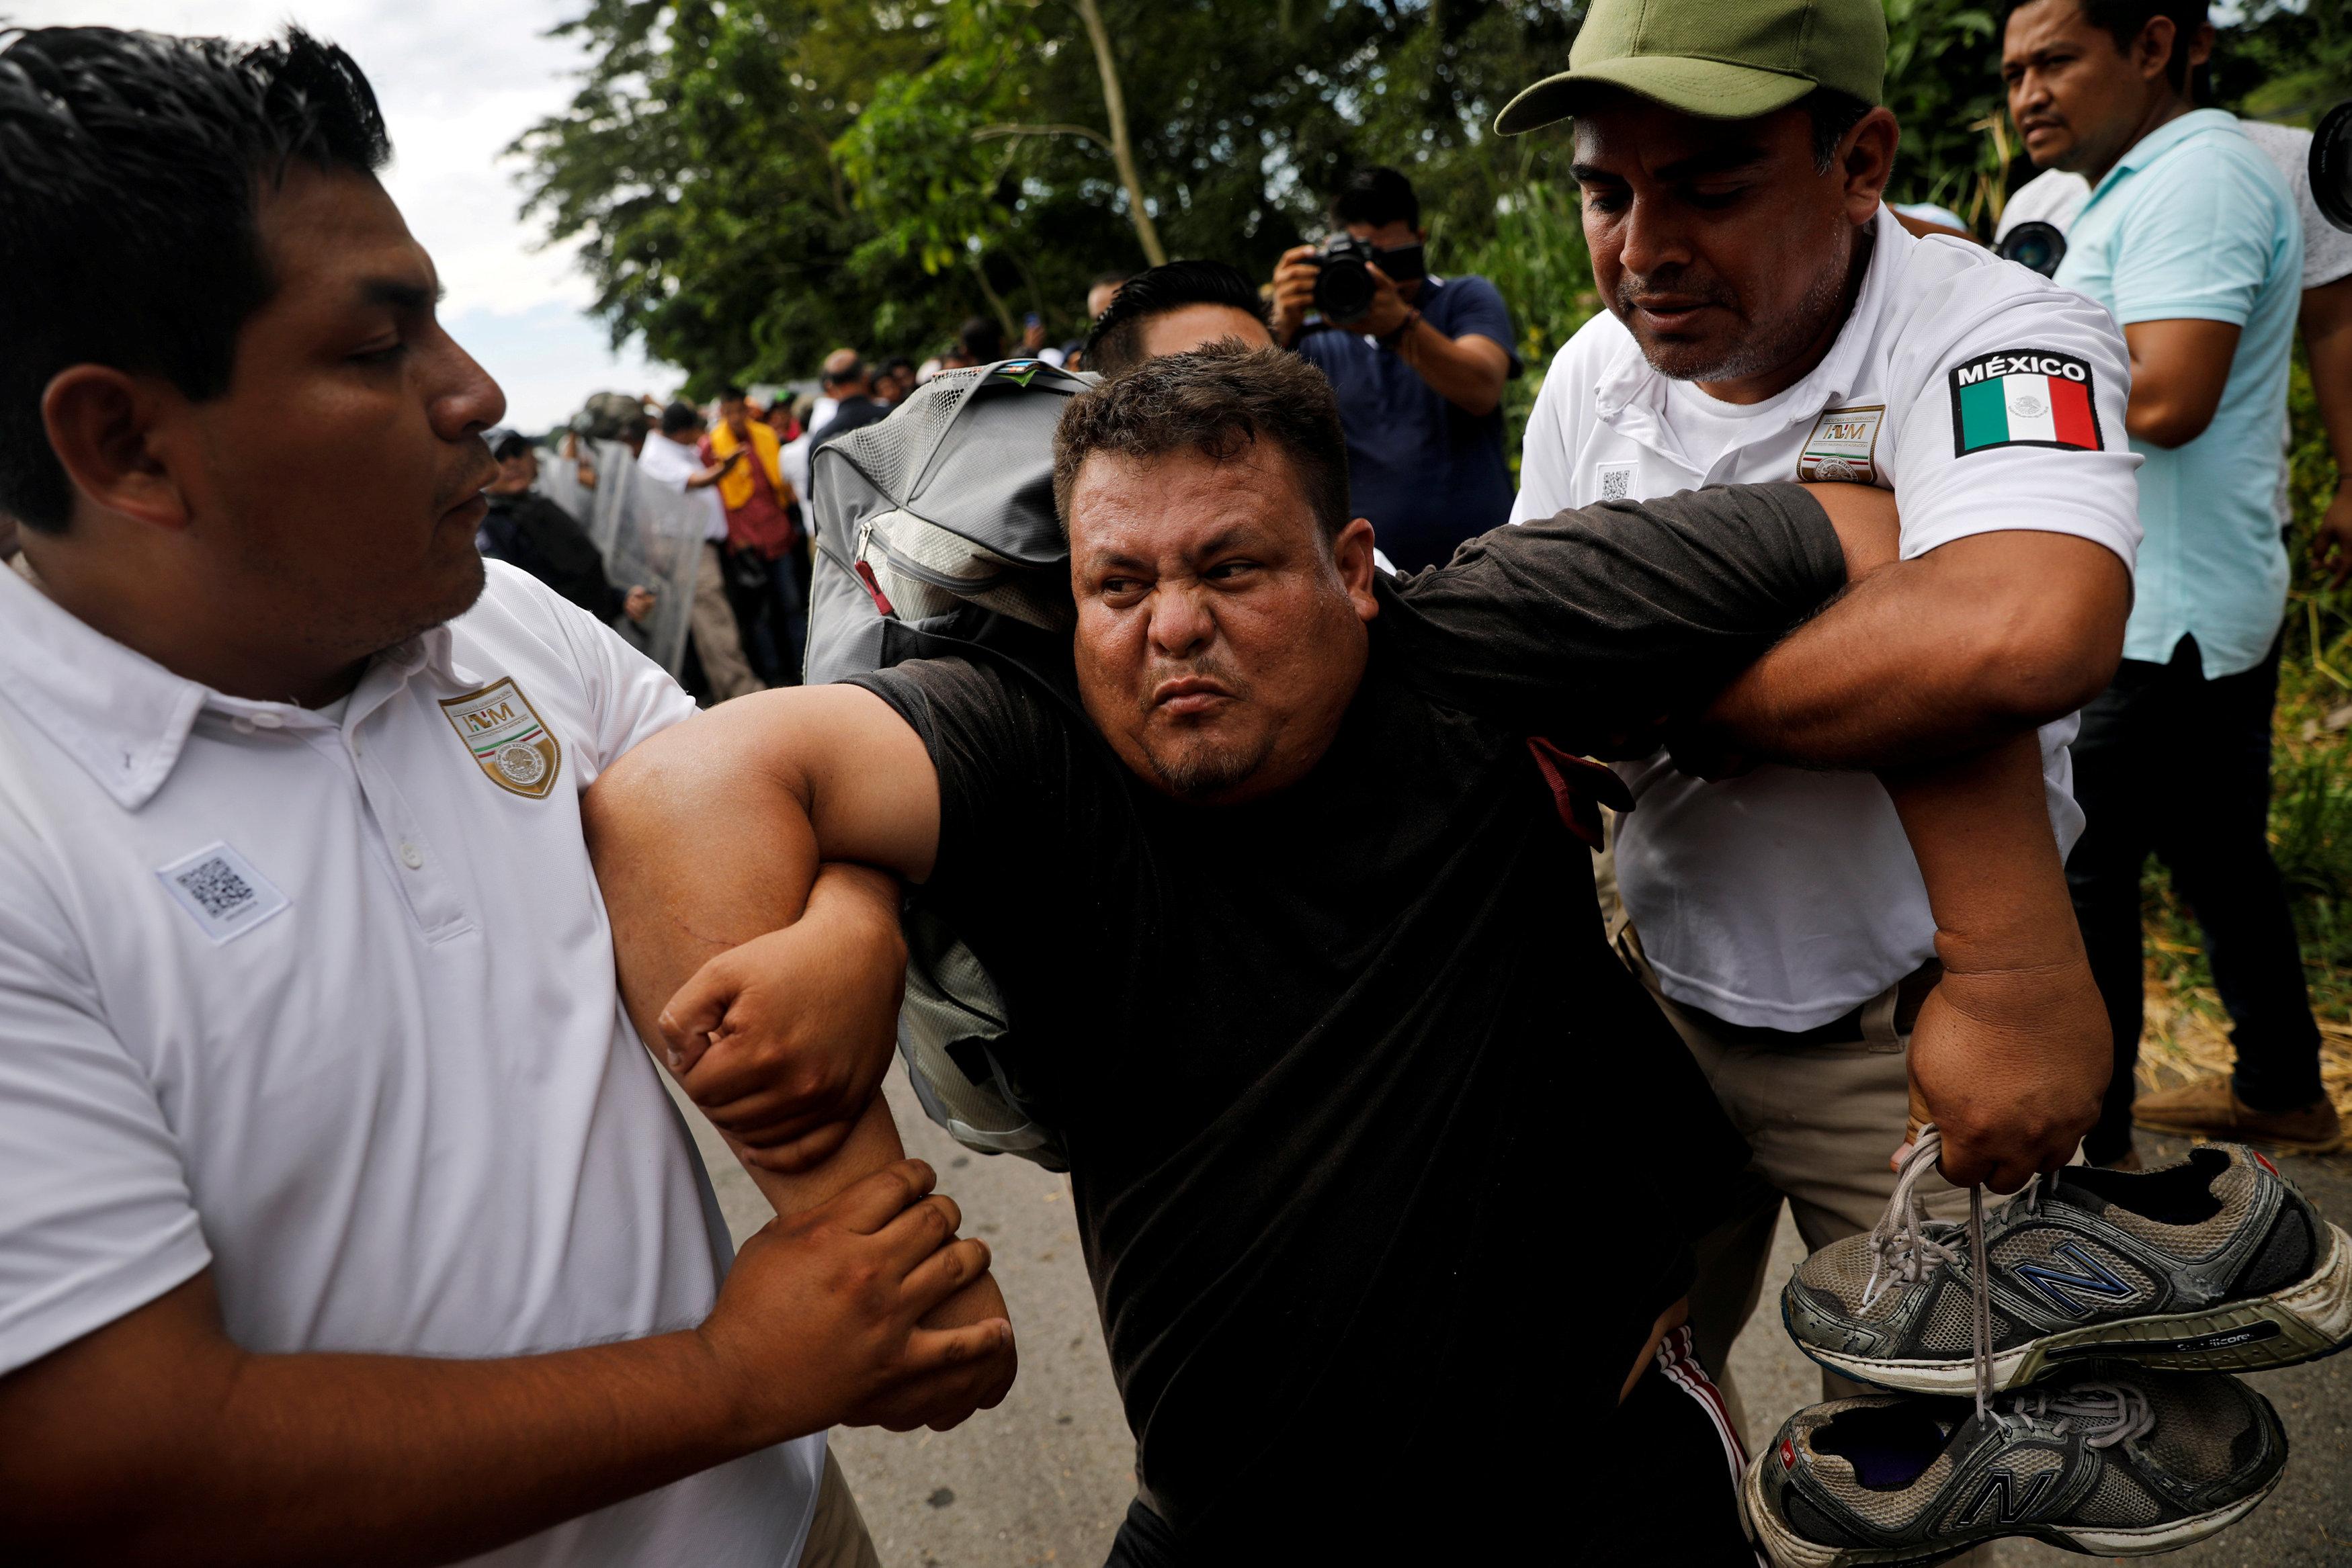 الشرطة المكسيكية تعتقل أحد طالبى اللجوء